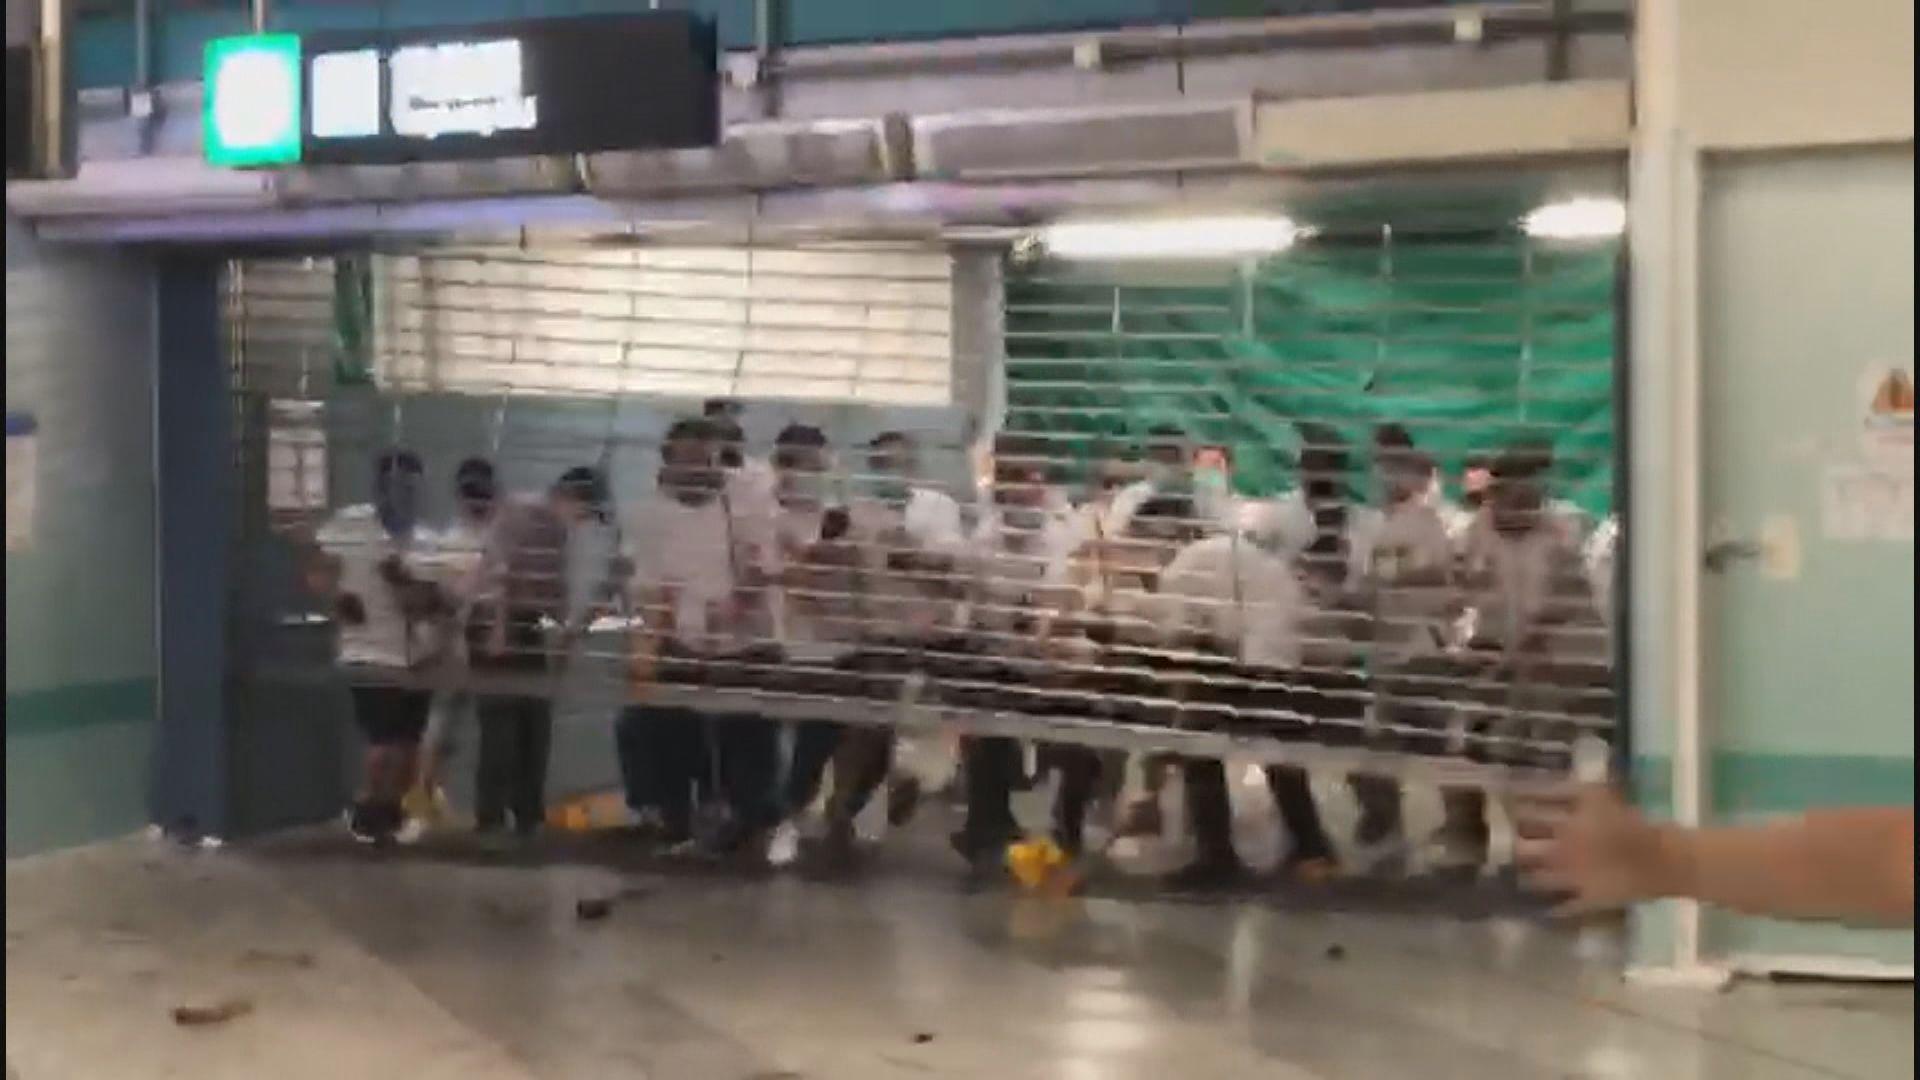 721元朗襲擊 六男子被控暴動明年再提堂